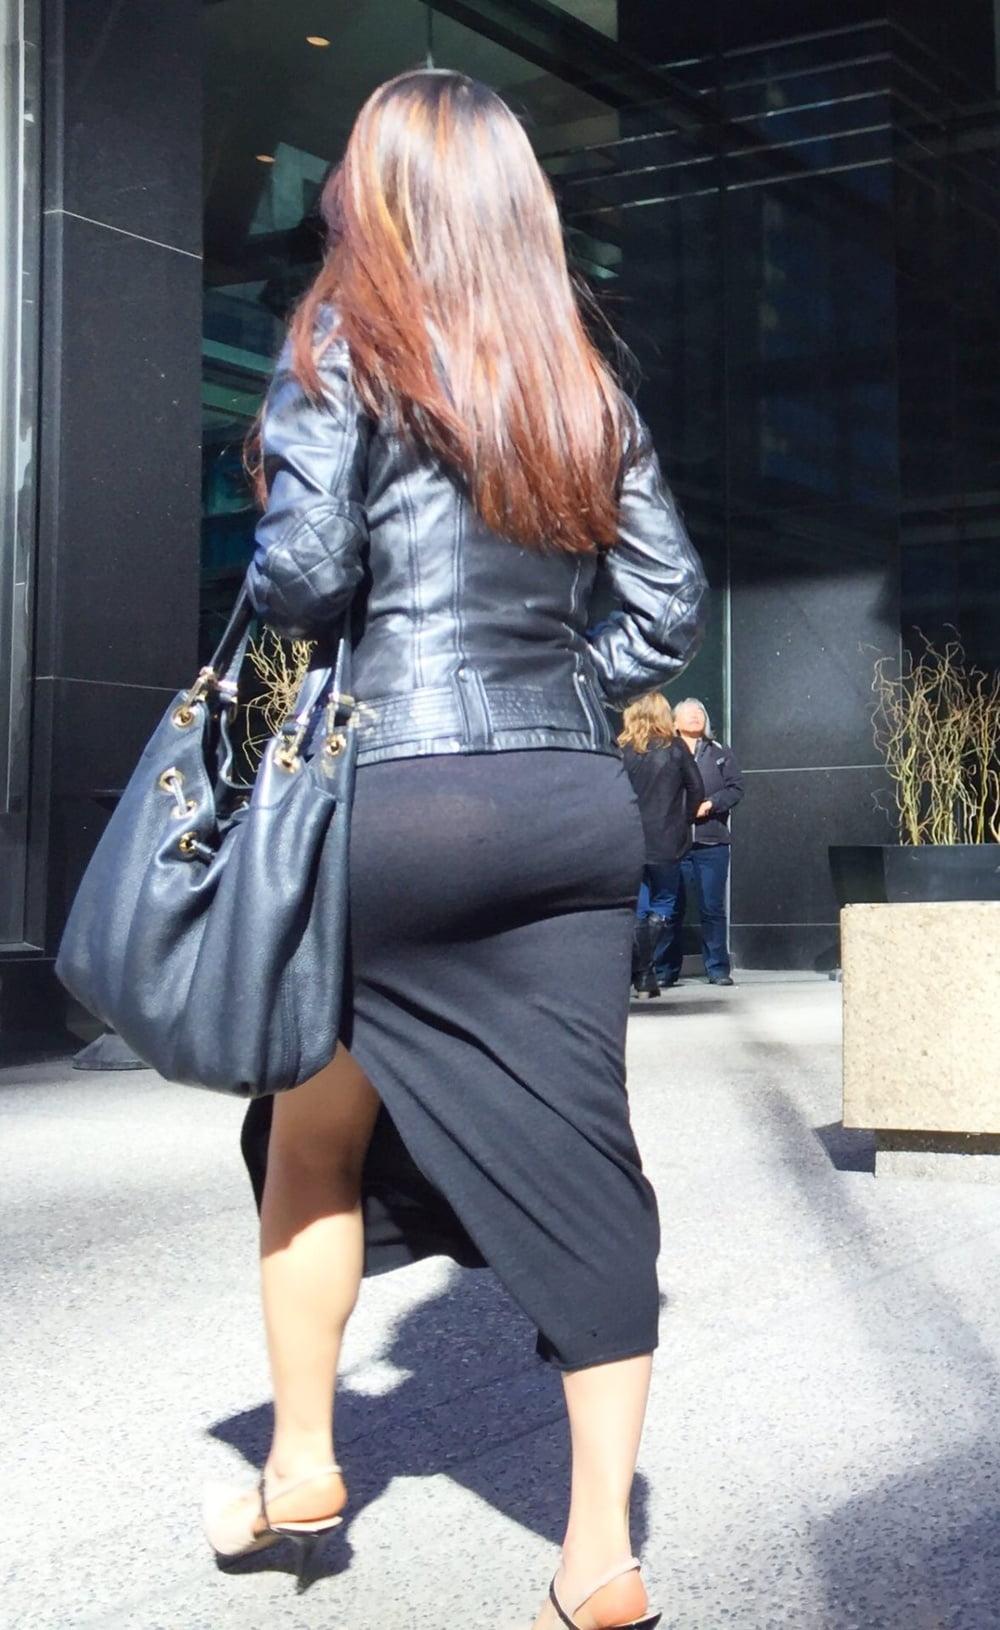 Tight skirt voyeur